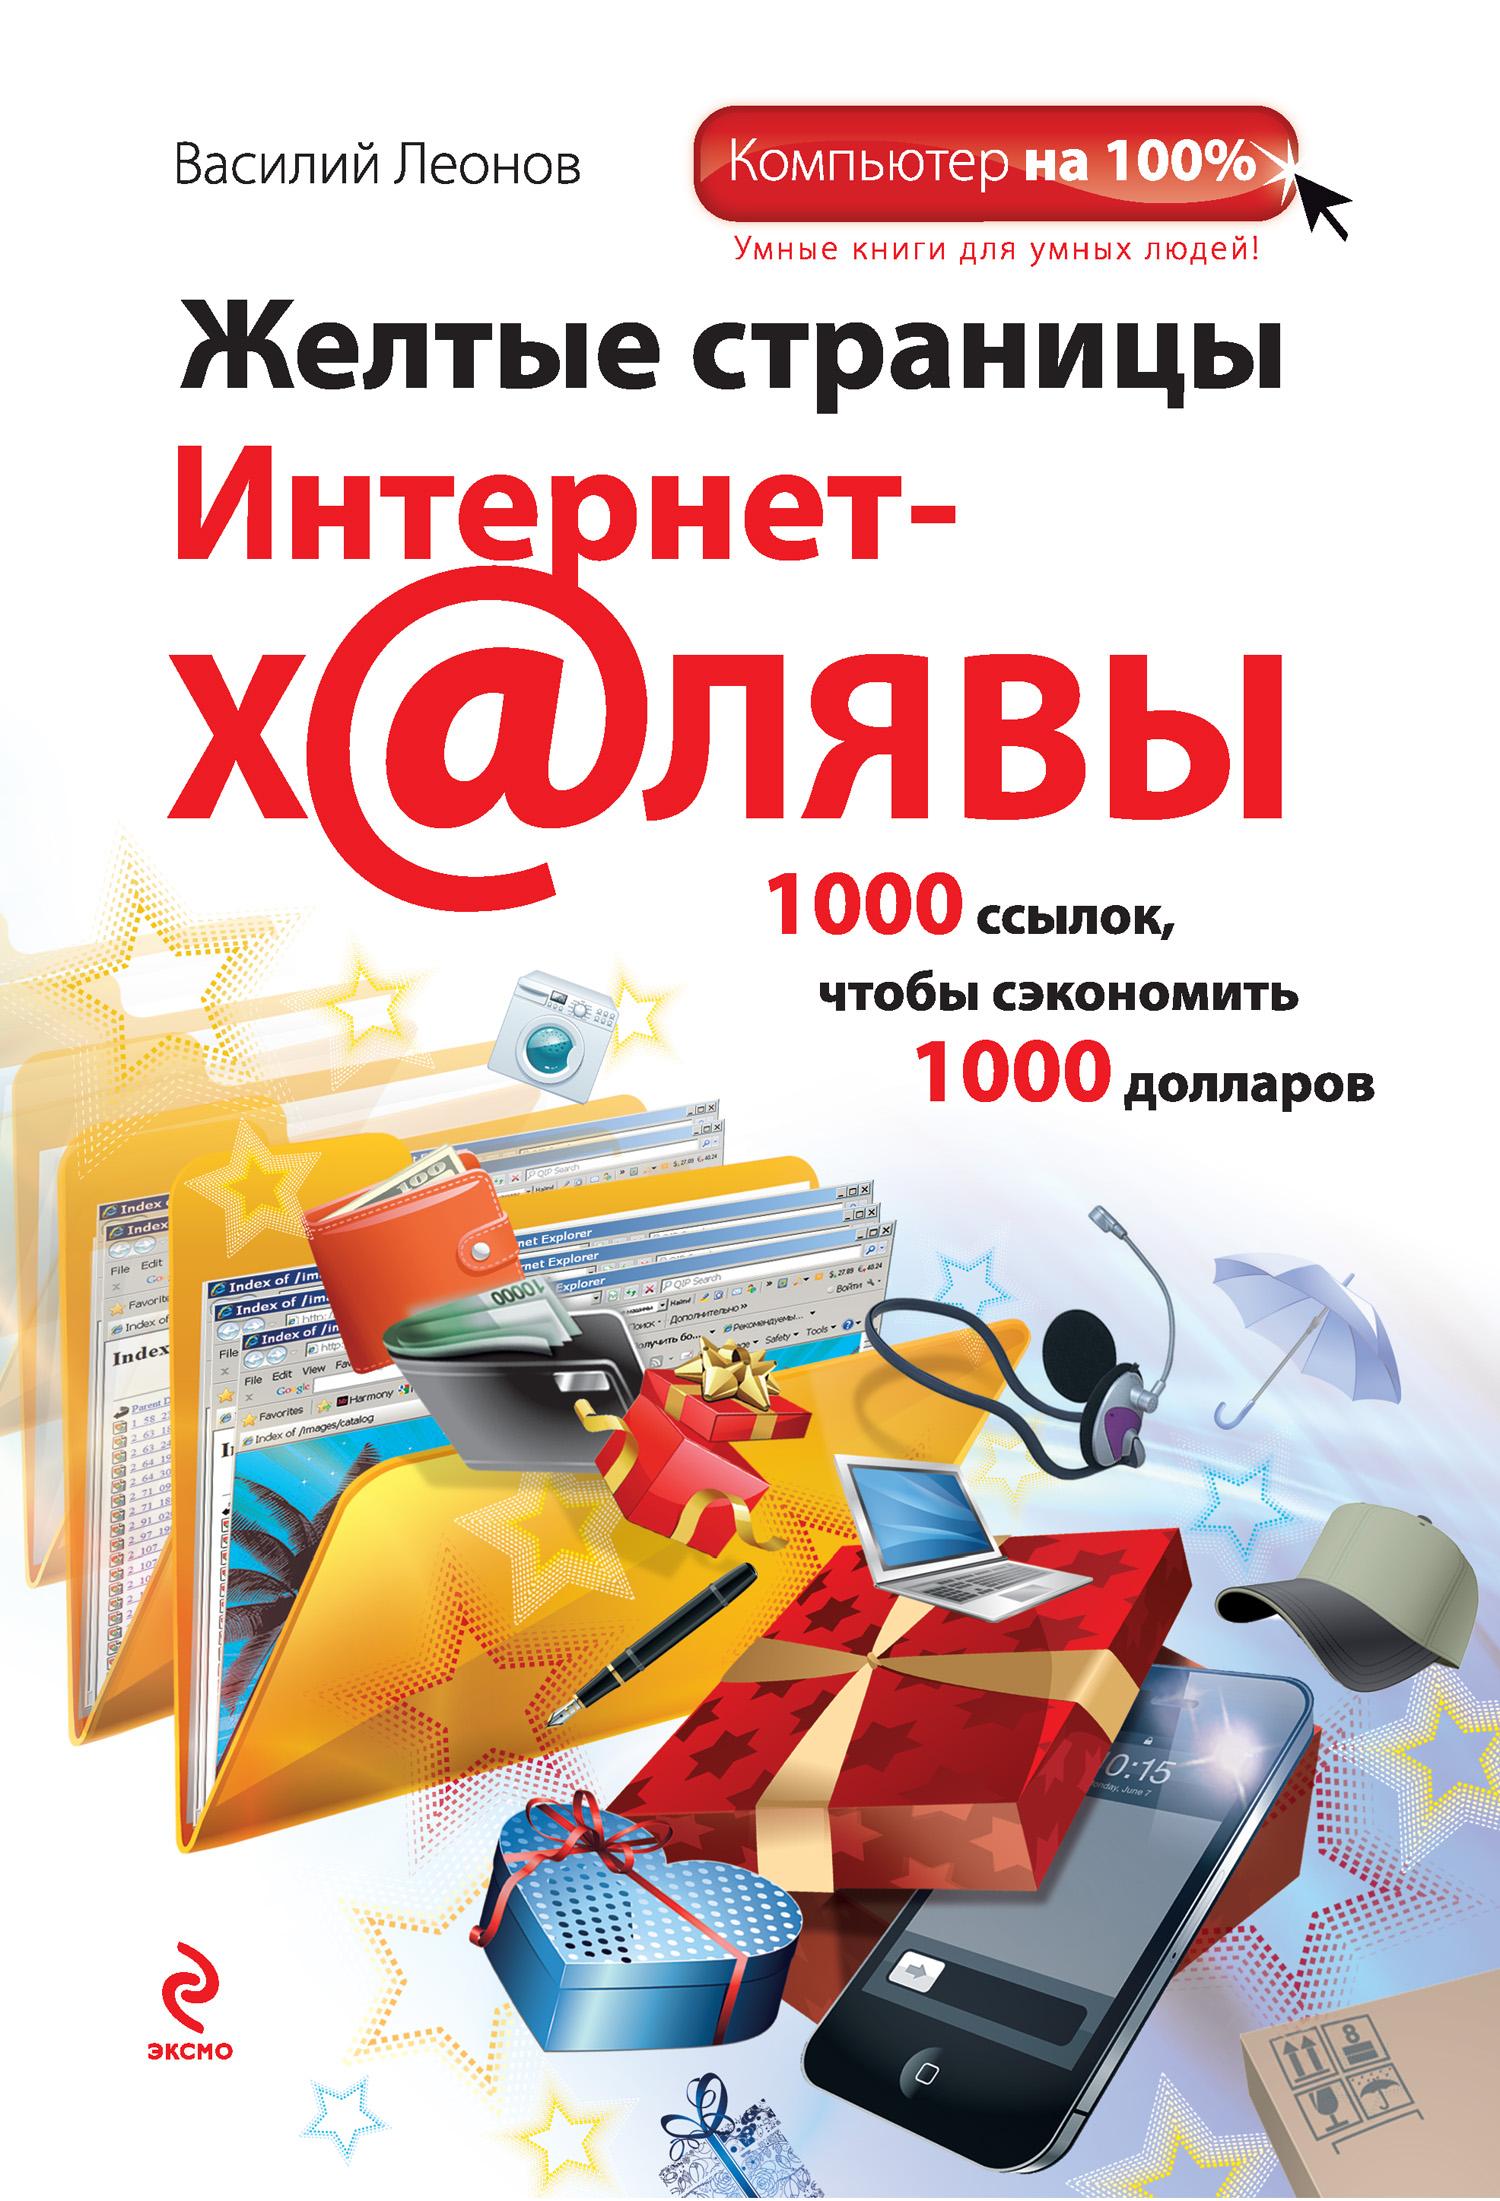 Желтые страницы интернет-халявы. 1000 ссылок, чтобы сэкономить 1000 долларов